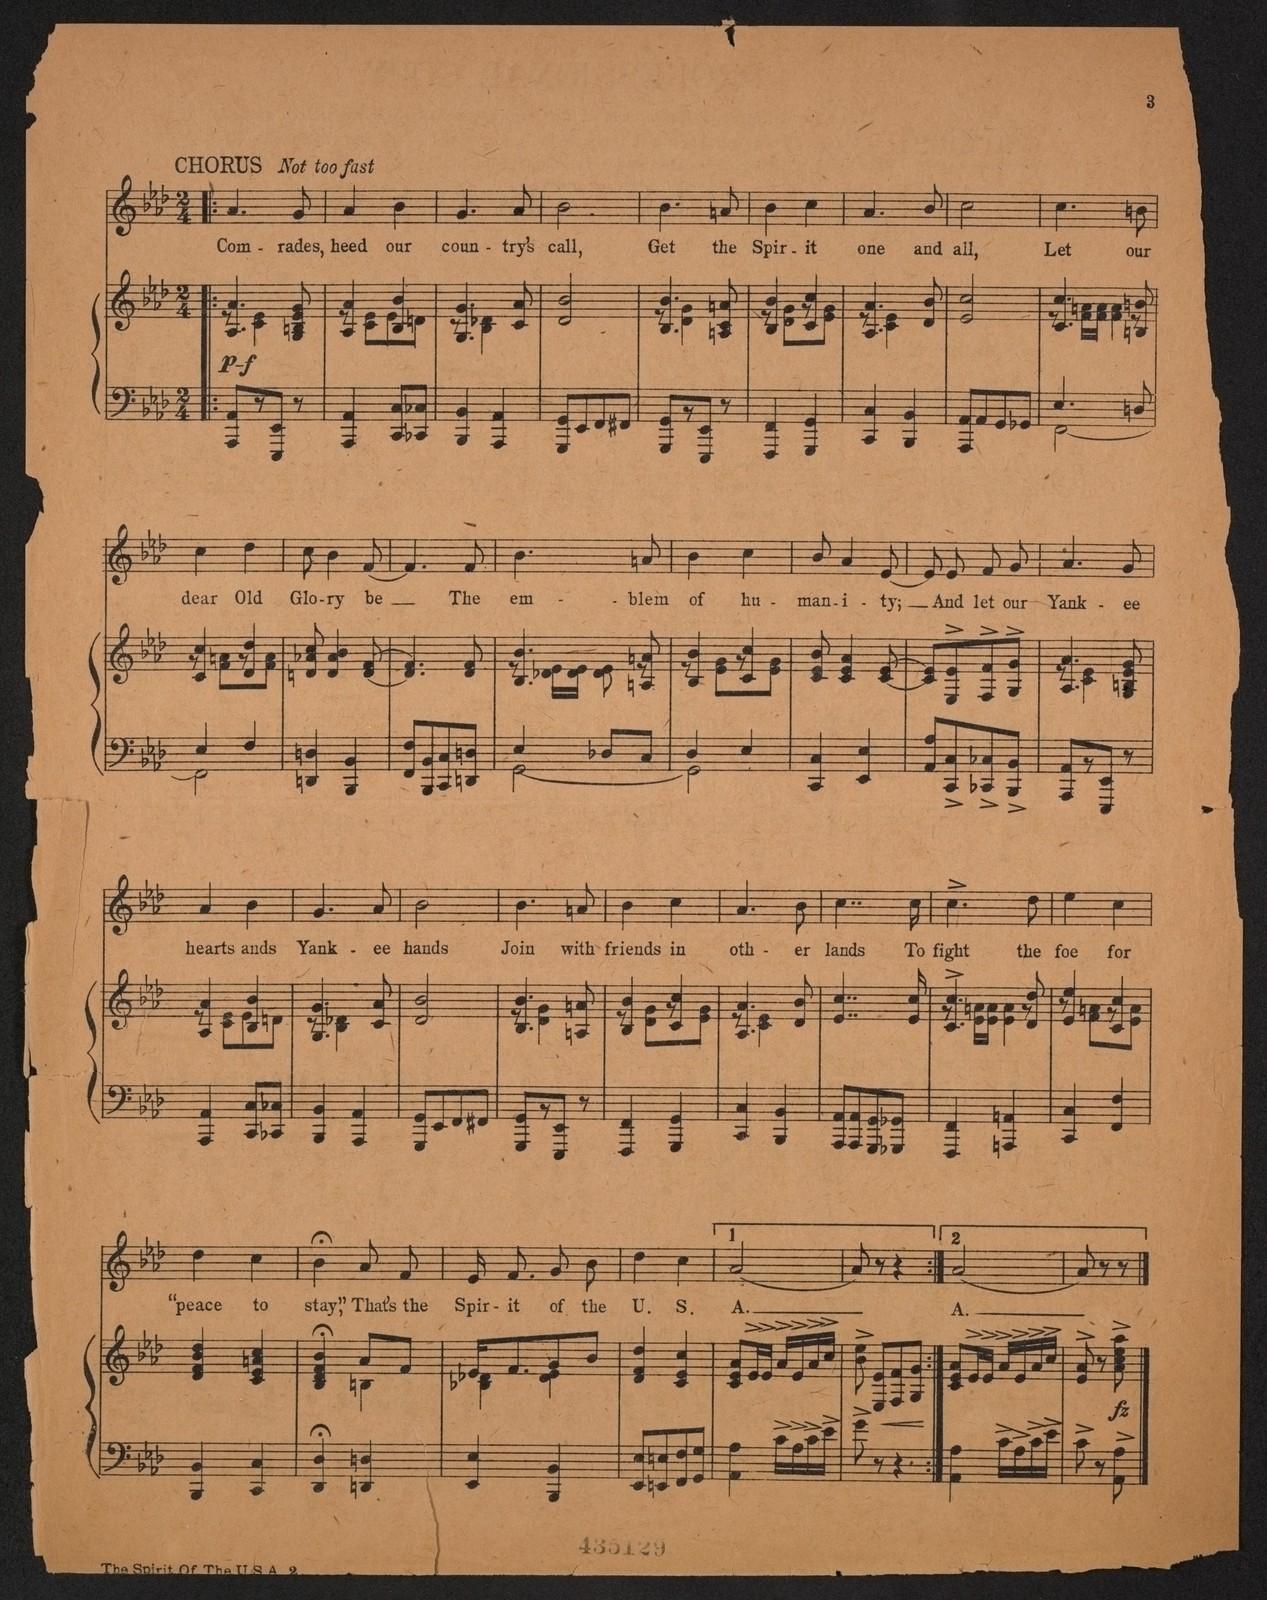 https://picryl.com/media/stella-no-2-mezzo-soprano-4 2016-07-12T21 ...